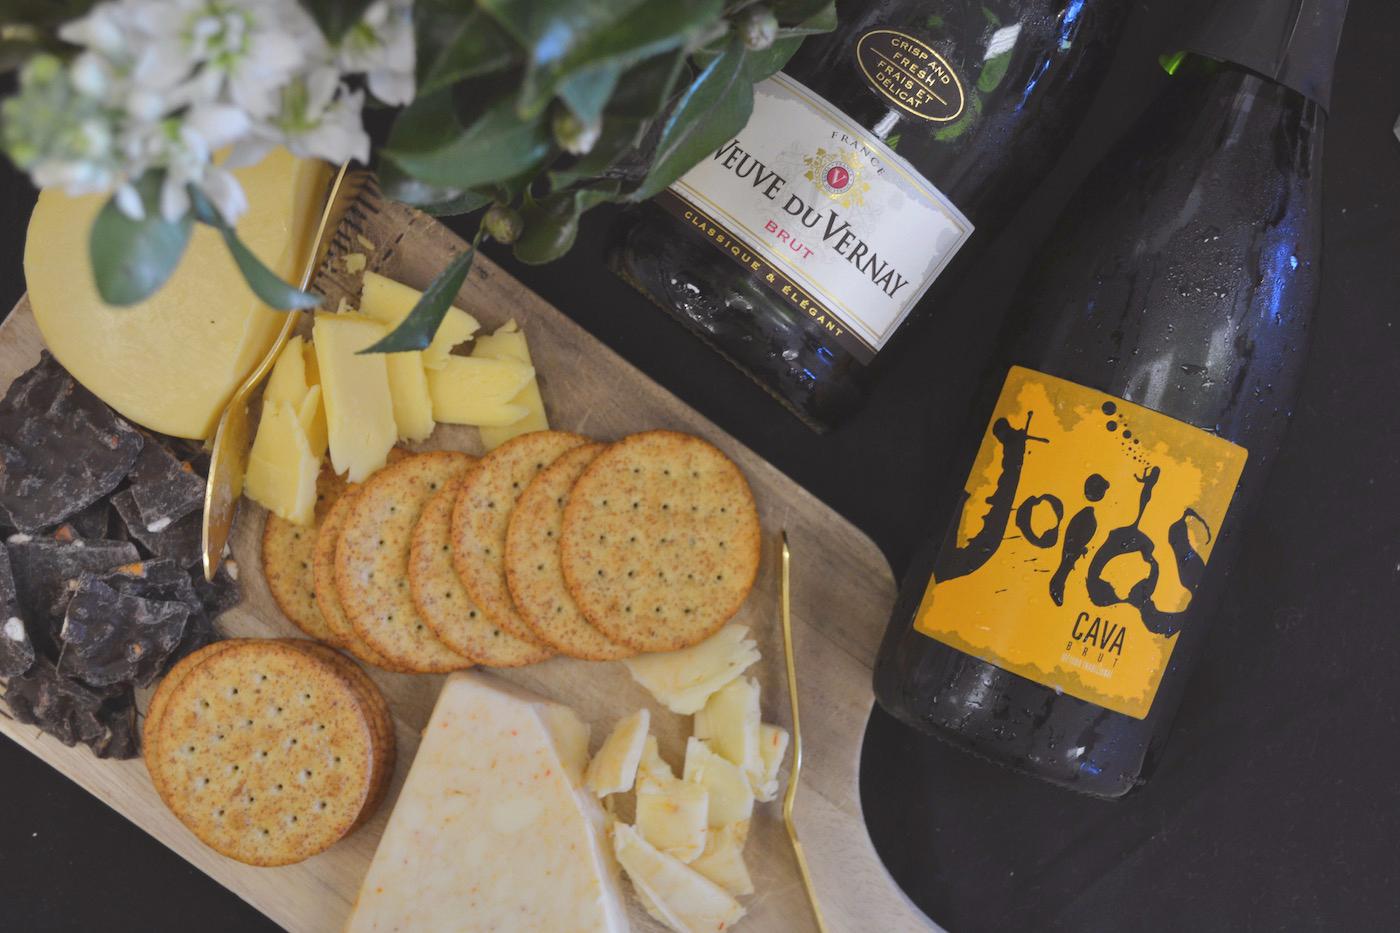 Taste The Bubbles // www.thehiveblog.com